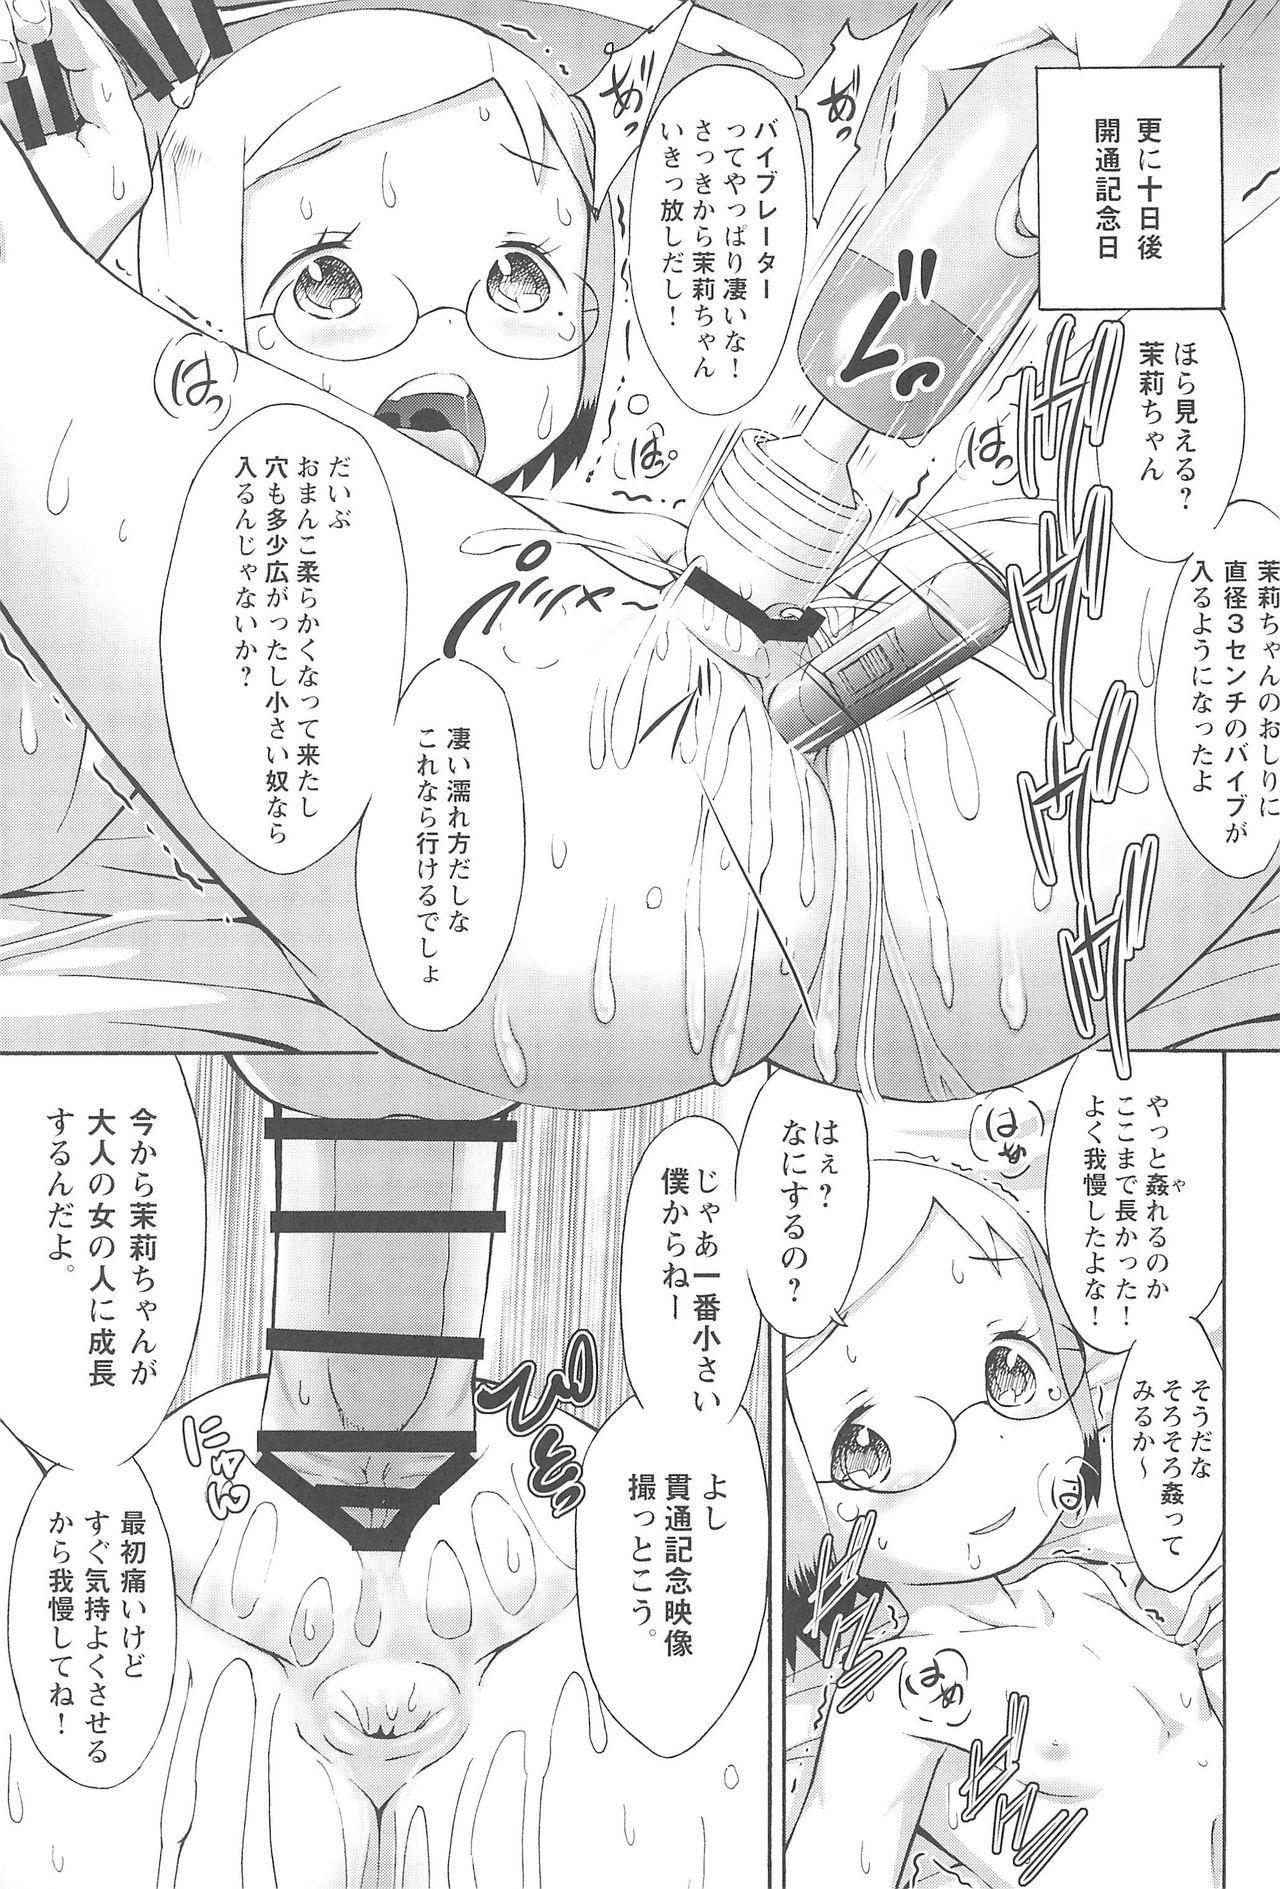 mashimaro ism Matsuri-chan to Asobou 13